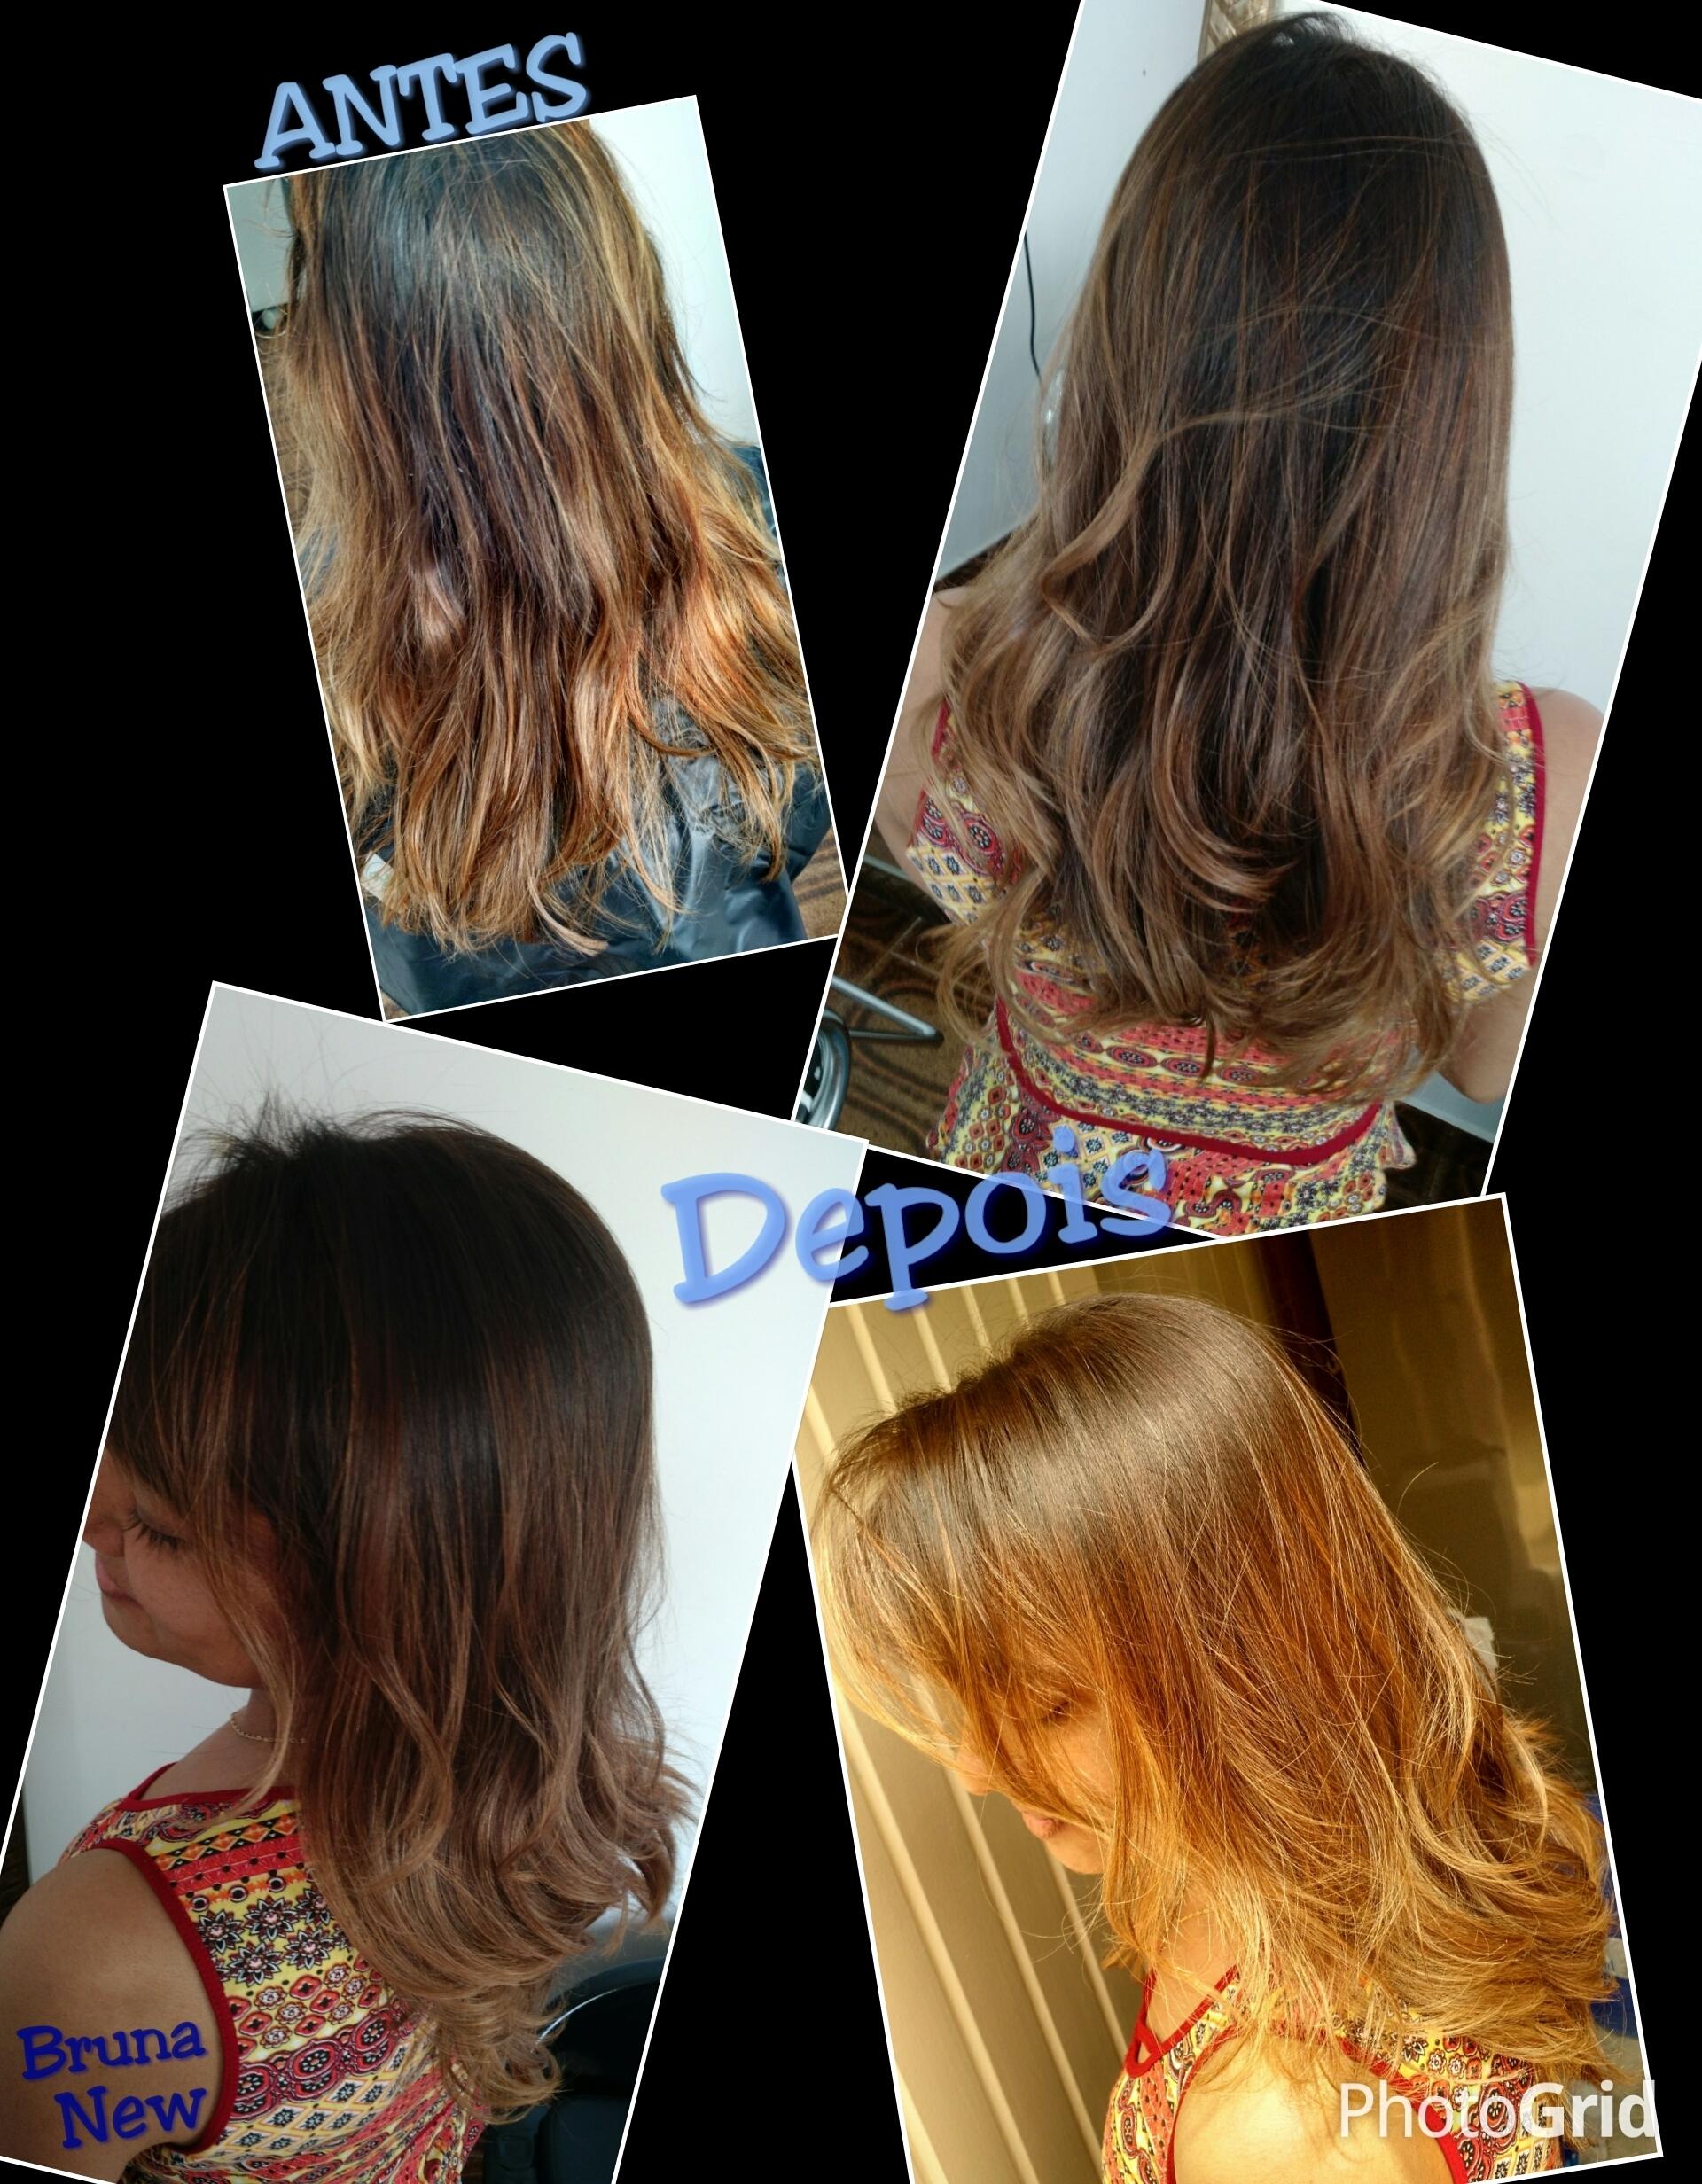 Ahhhhhhh esse cabelo me encanta 😍😍😍😍 #muitolindo #encantador #lovemyjob #trabalhandocomamor #meutrabalhoéarte # cabelo cabeleireiro(a)